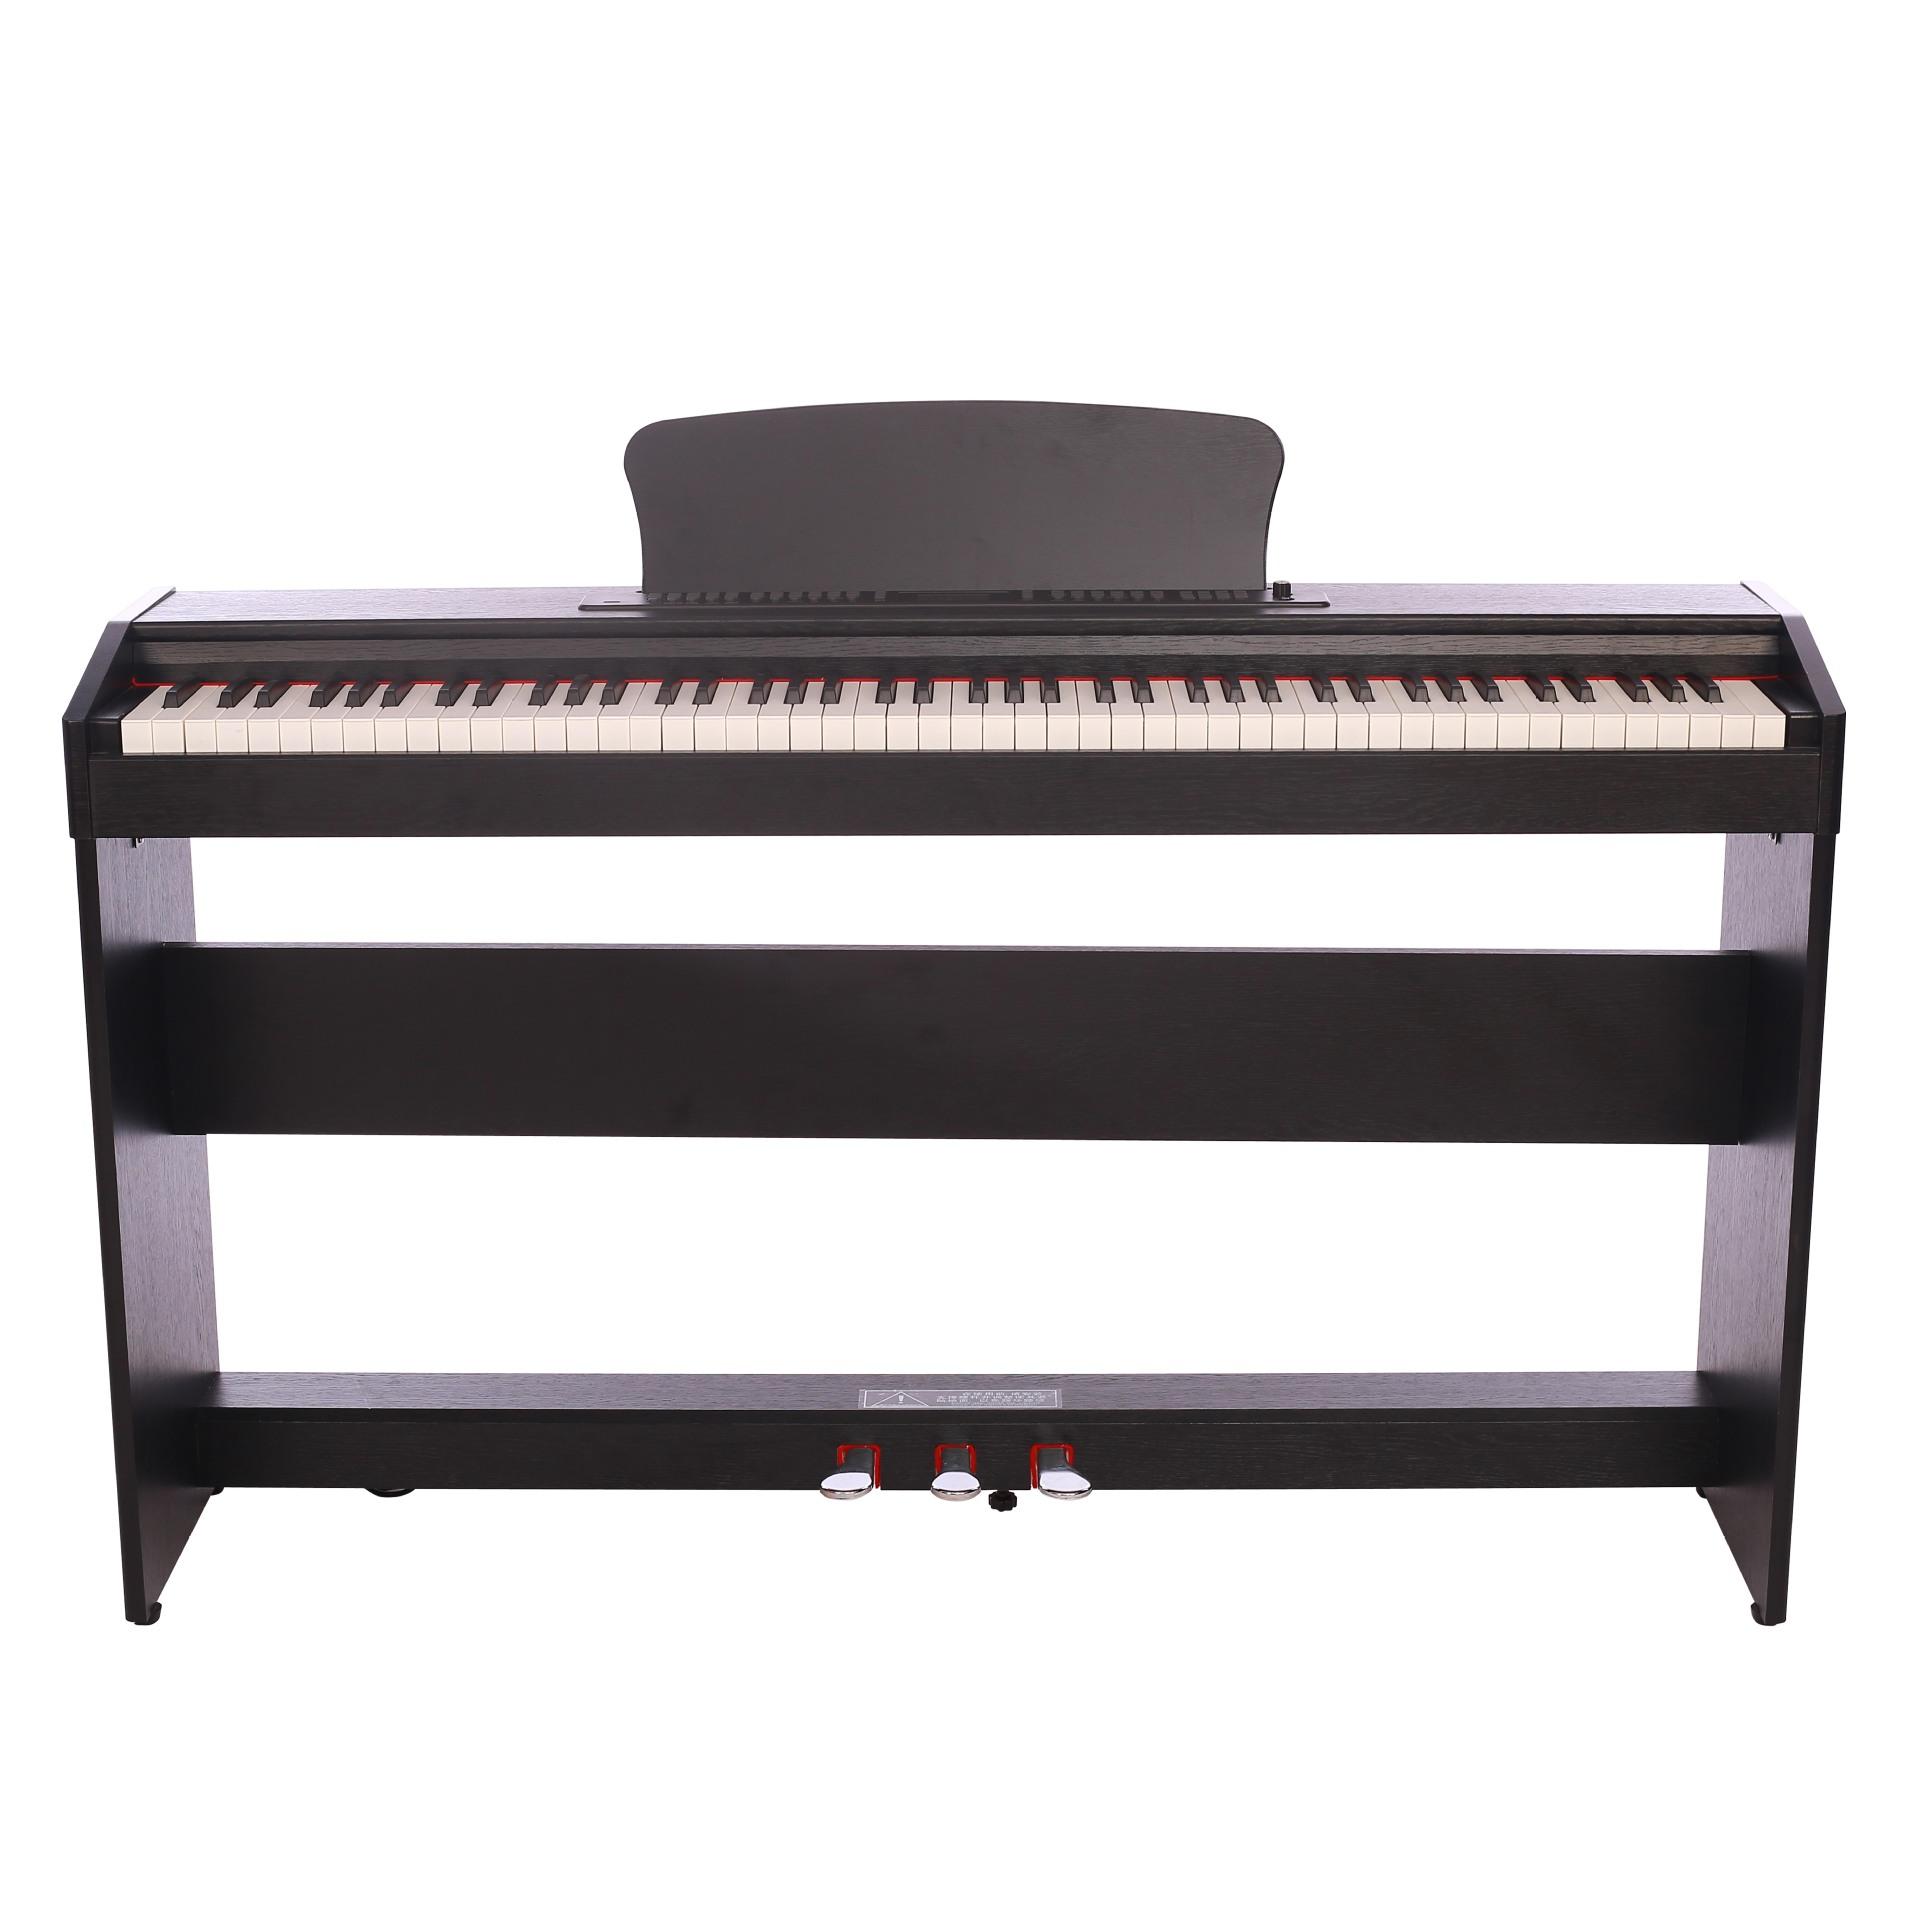 键重锤初学者考级专用琴行木纹款 88 数码电子钢琴大人电钢琴 806